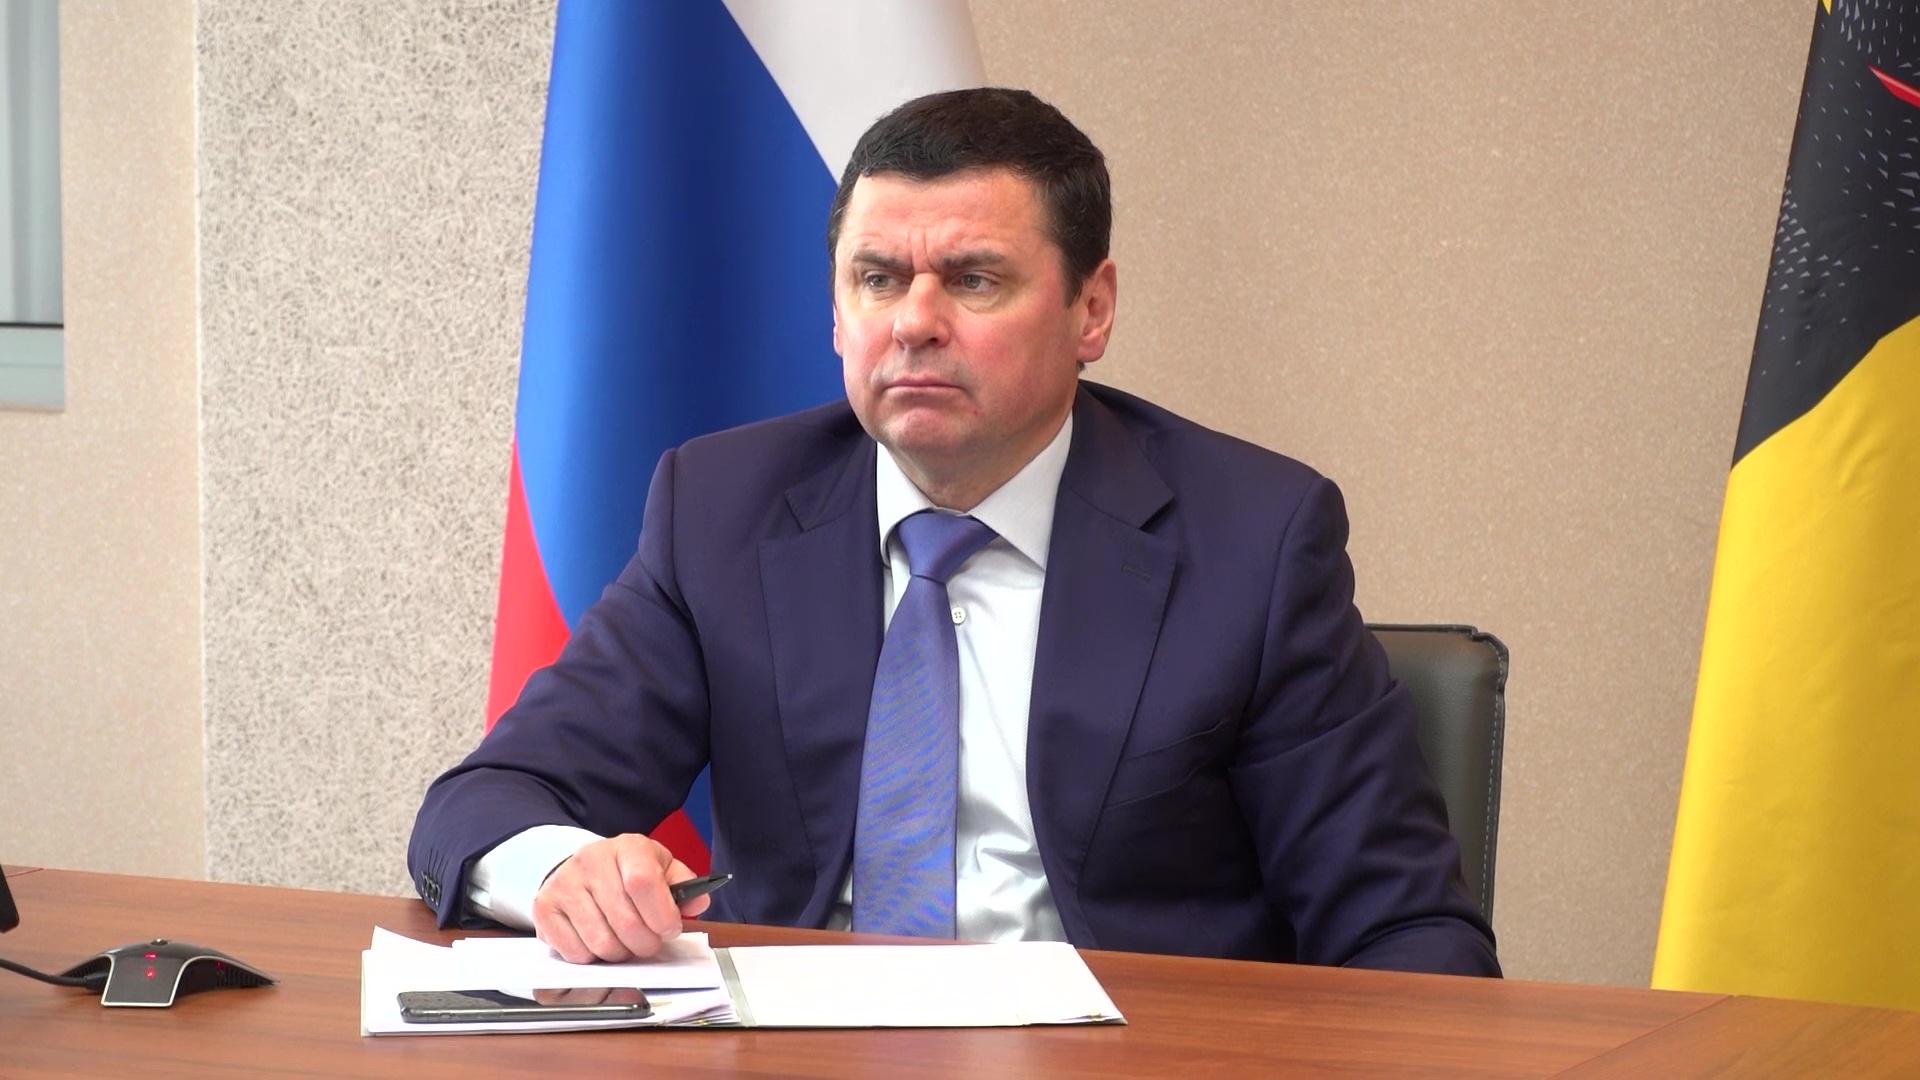 Дмитрий Миронов поручил разработать возможности временного трудоустройства студентов на лето